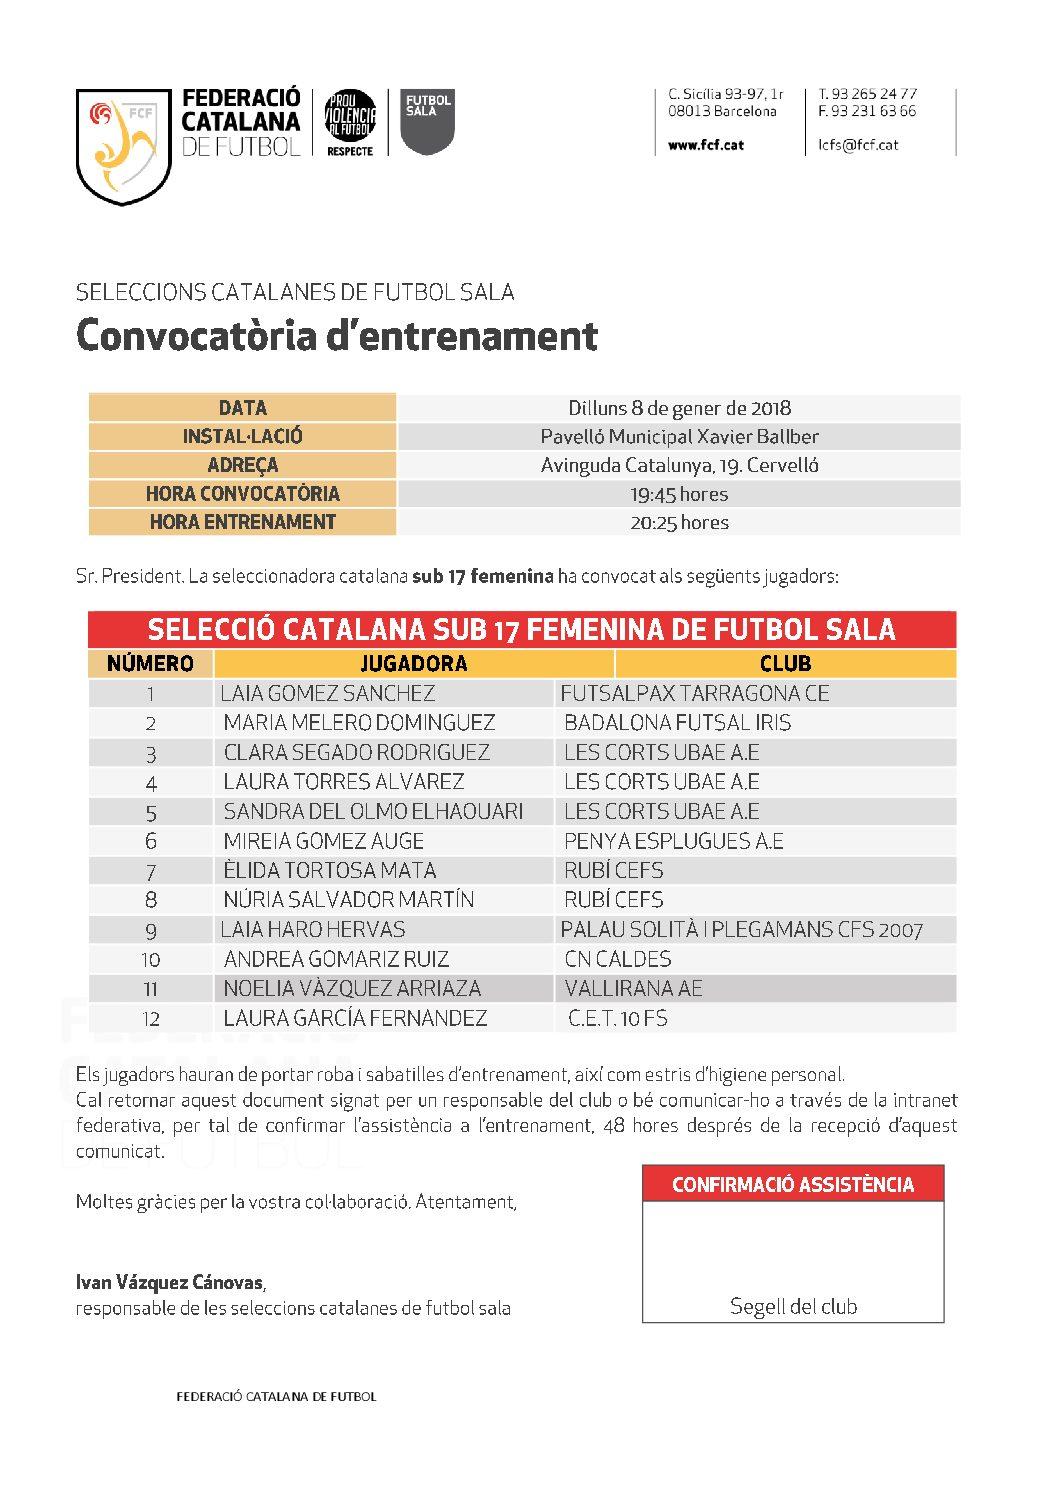 Jugadores a les convocatòries de la Selecció Catalana Sub-17 i Sub-21